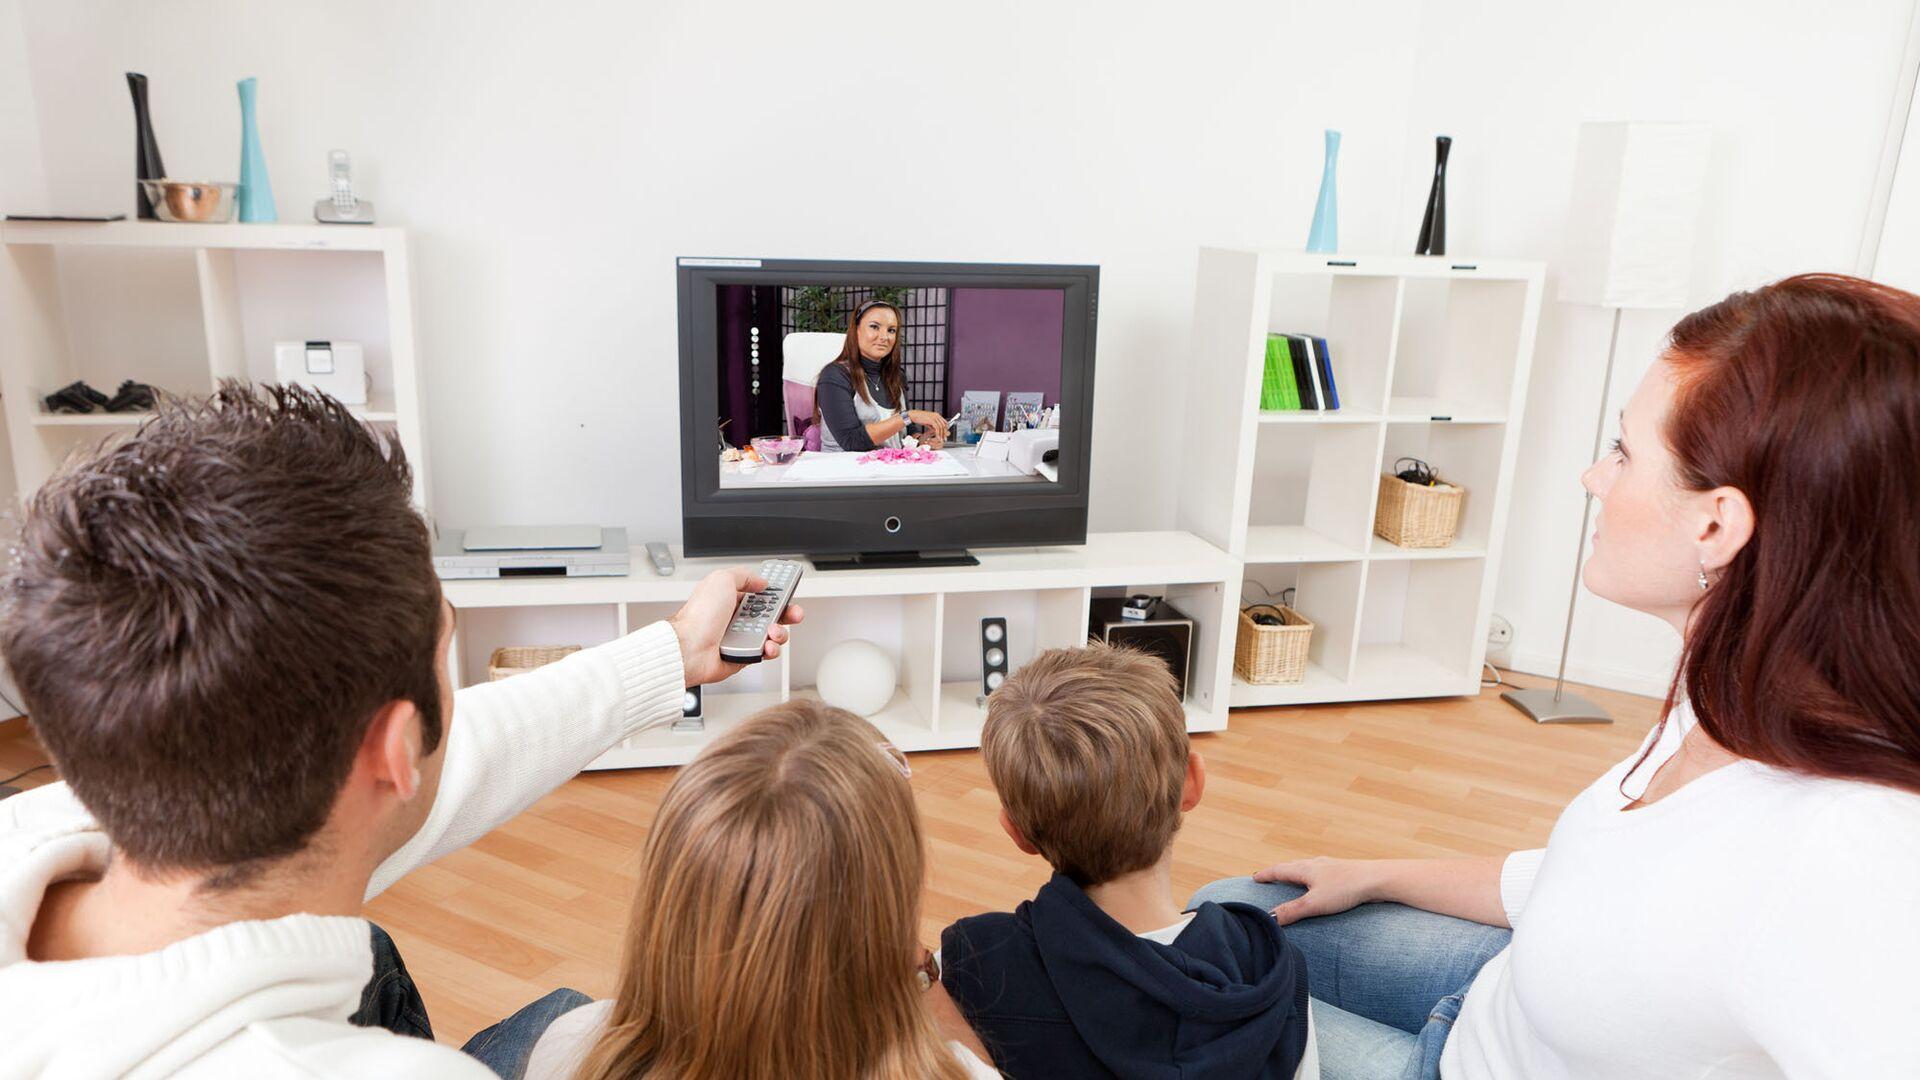 Молодая семья смотрит телевизор  - РИА Новости, 1920, 18.09.2020